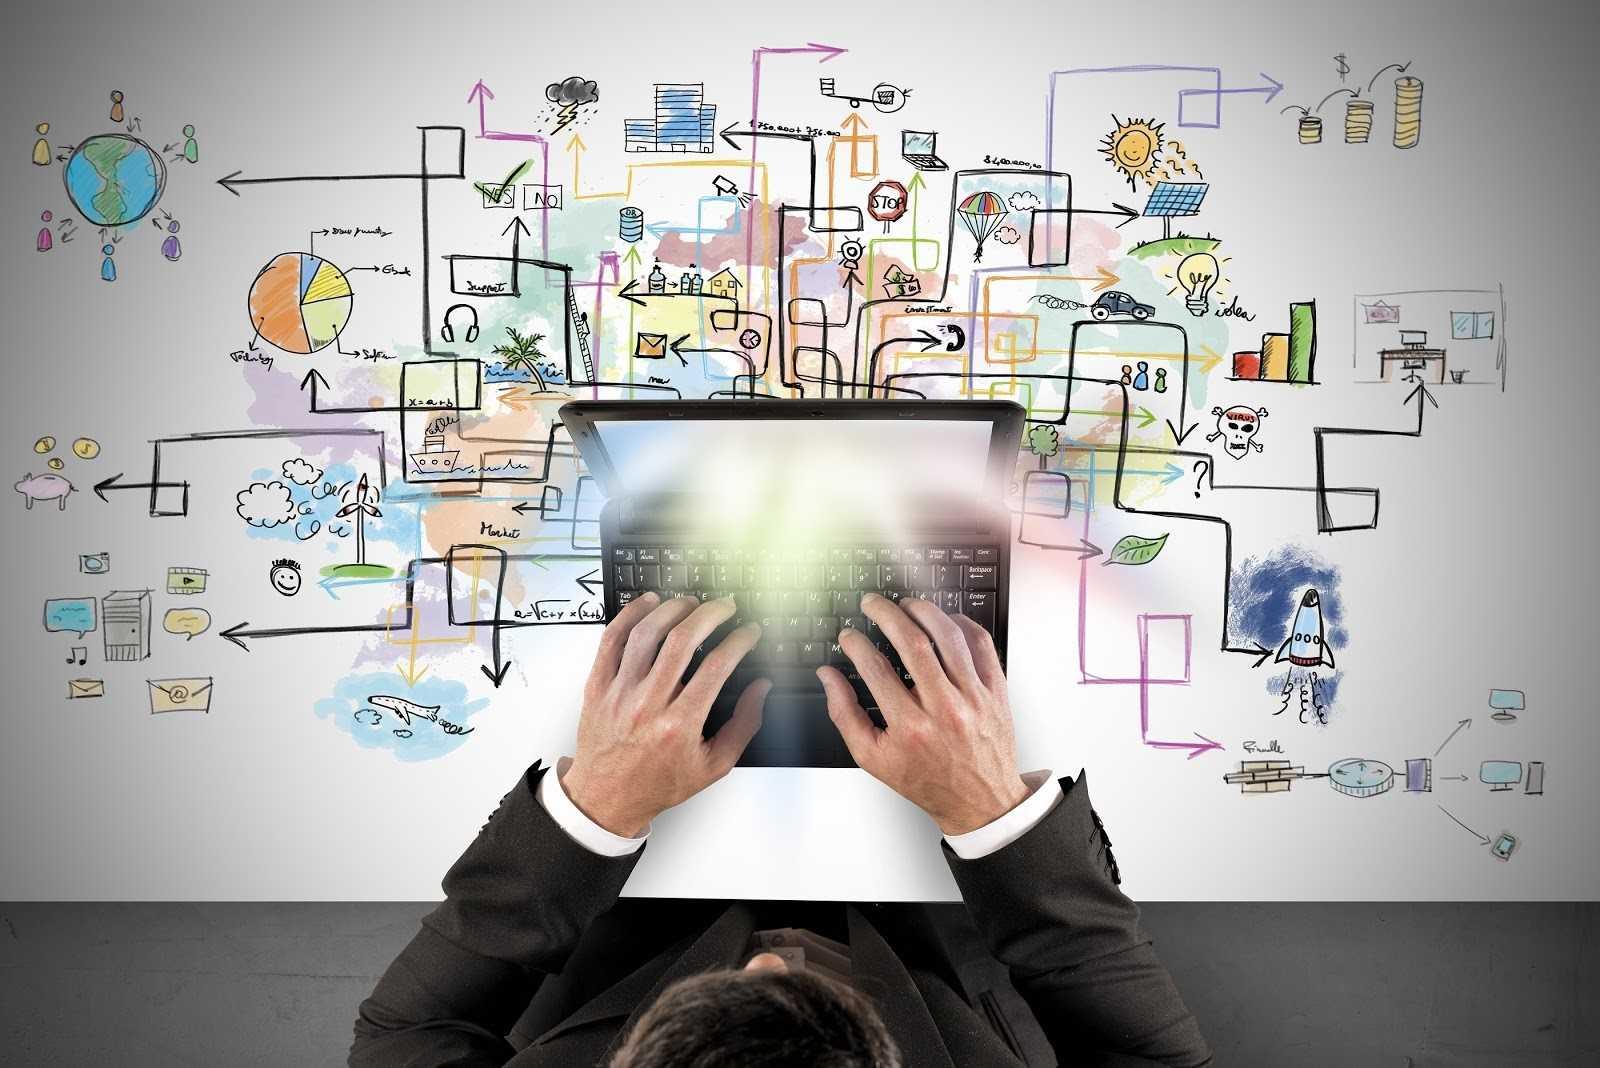 бизнес-процессы на бумаге